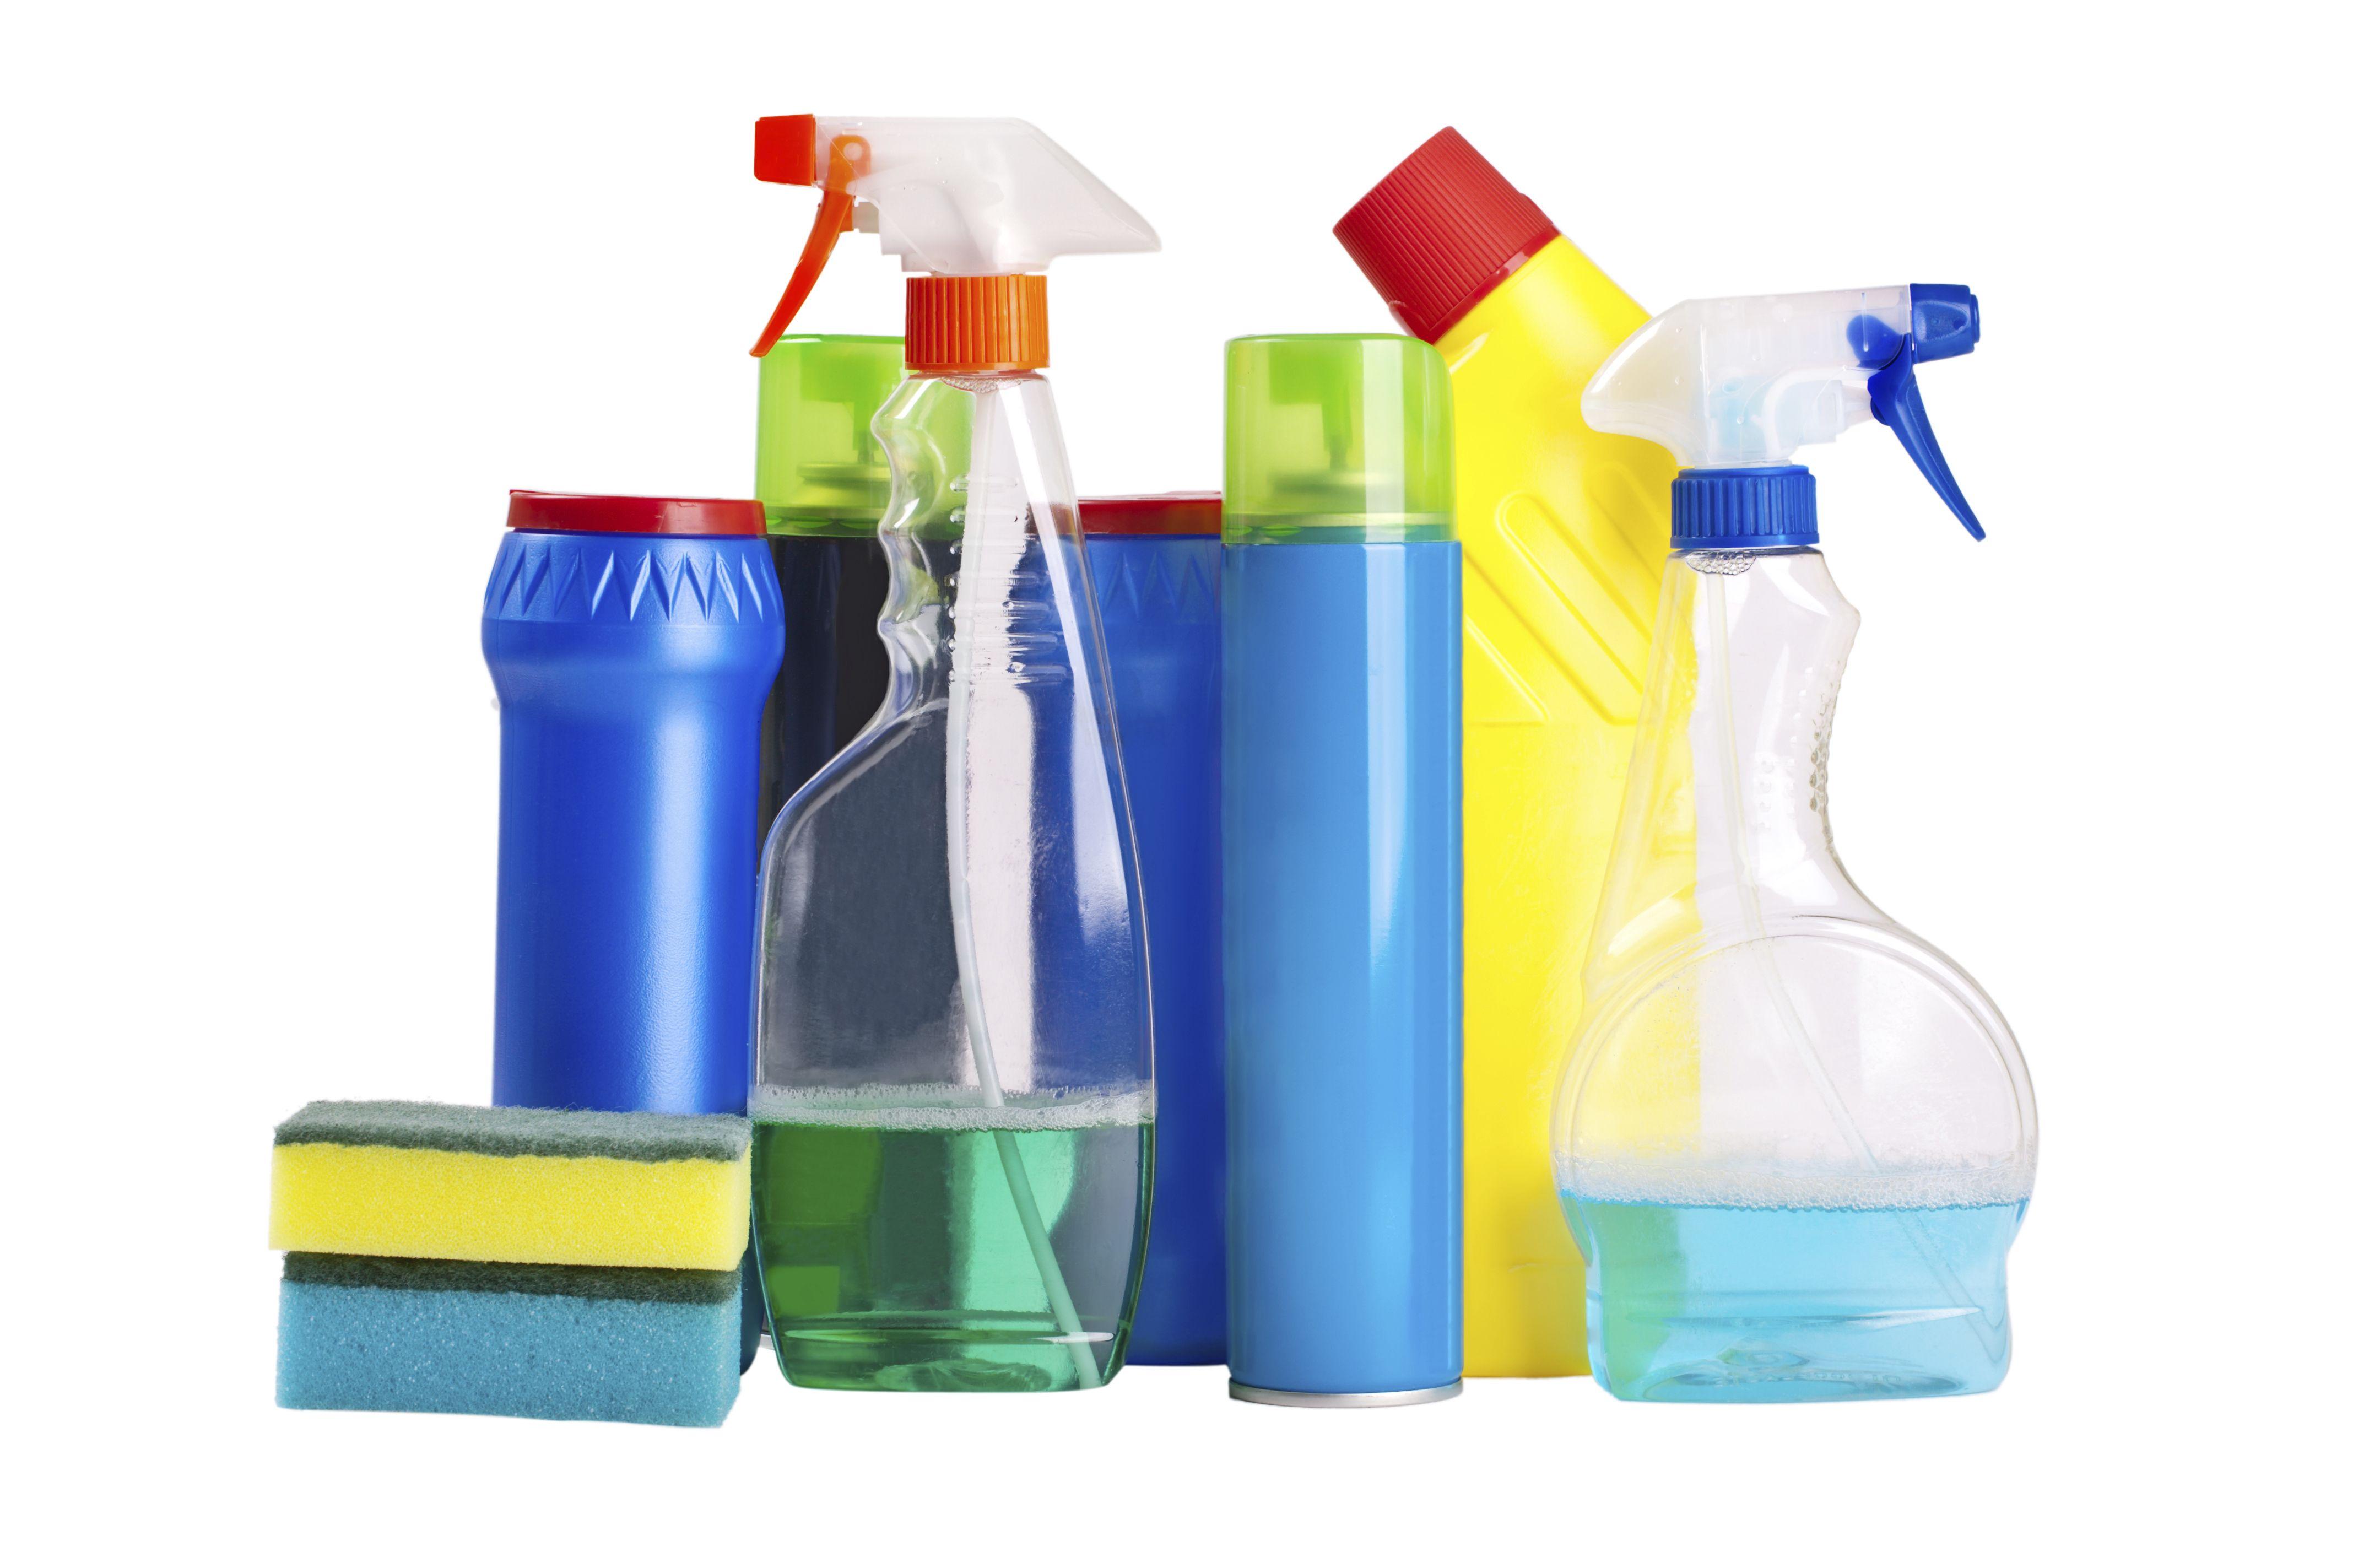 Perfumería y droguería: Artículos de Distribuidores Eurokope